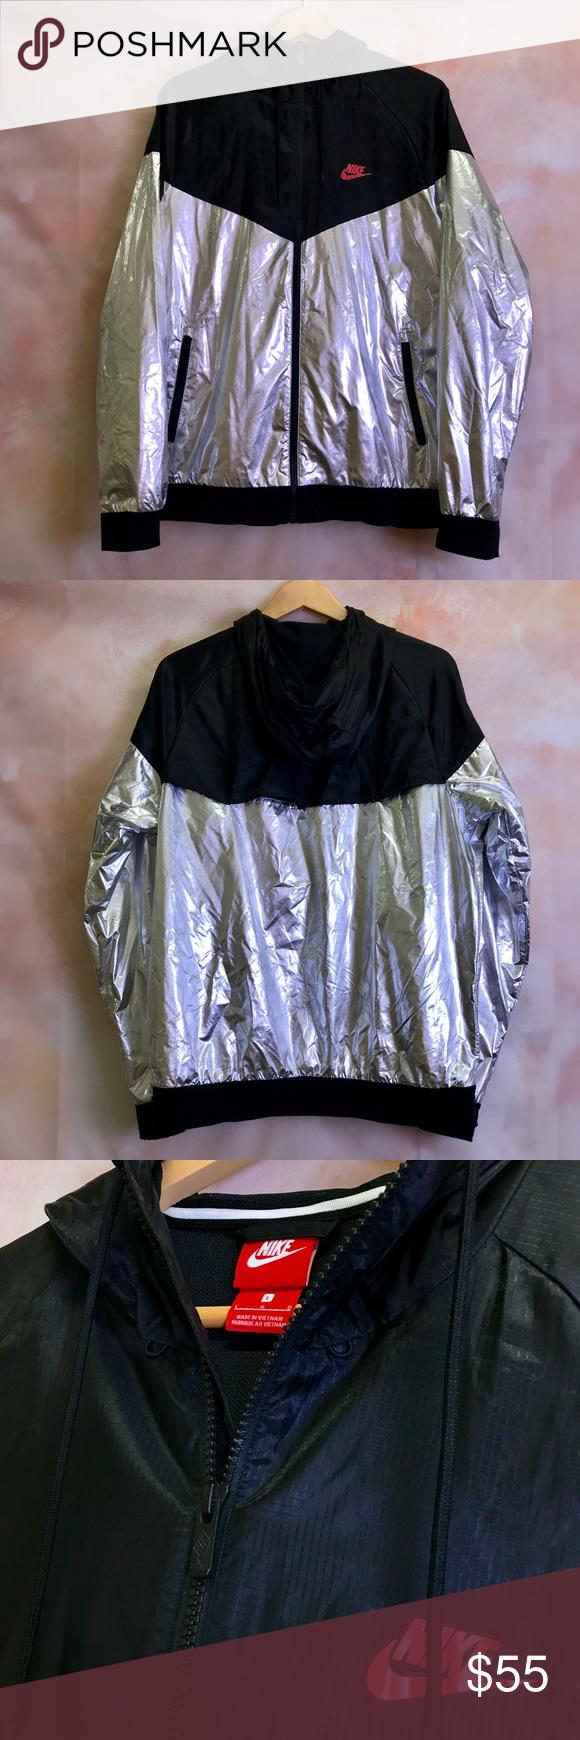 windbreaker jacket 2017 nike